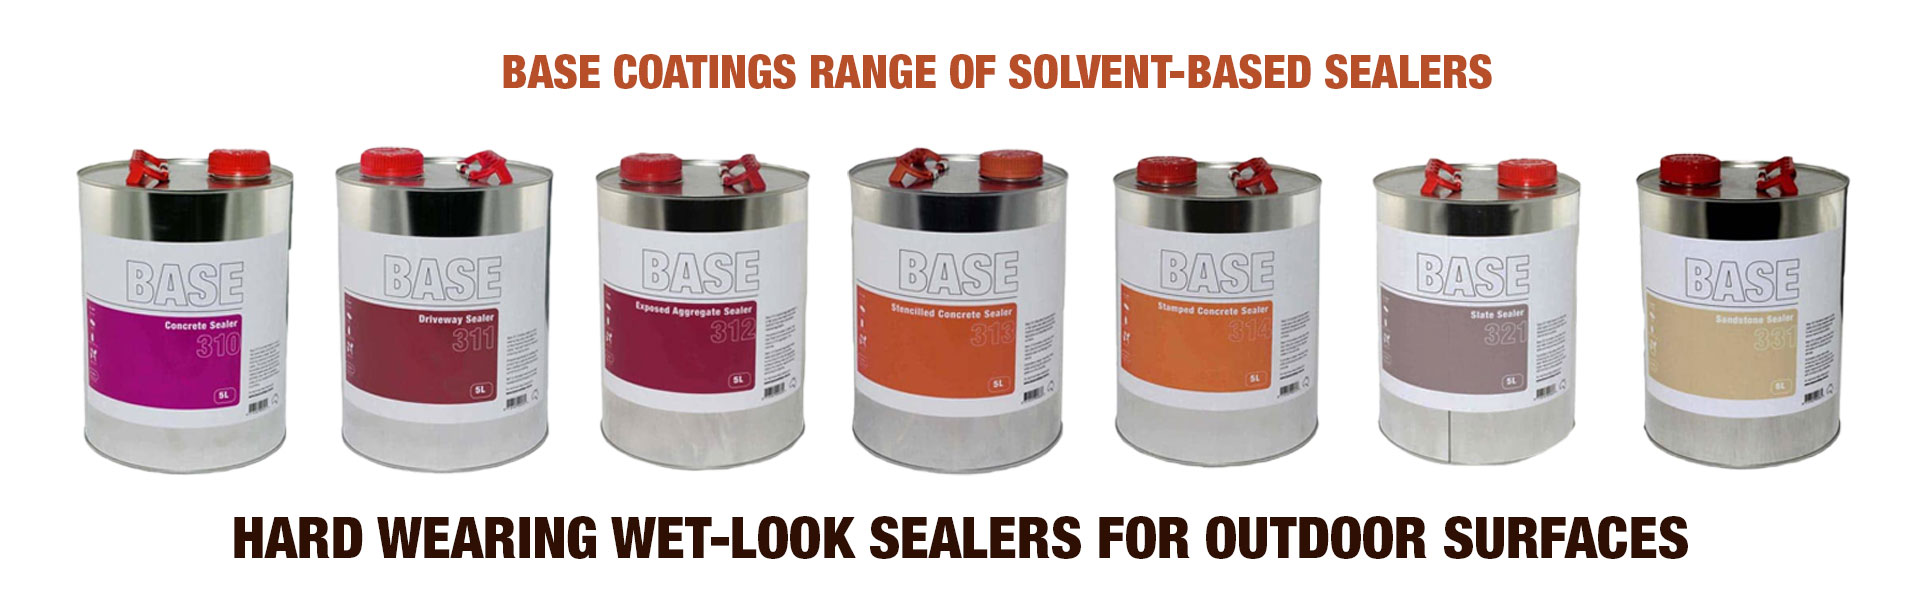 Solvent-Based Sealers